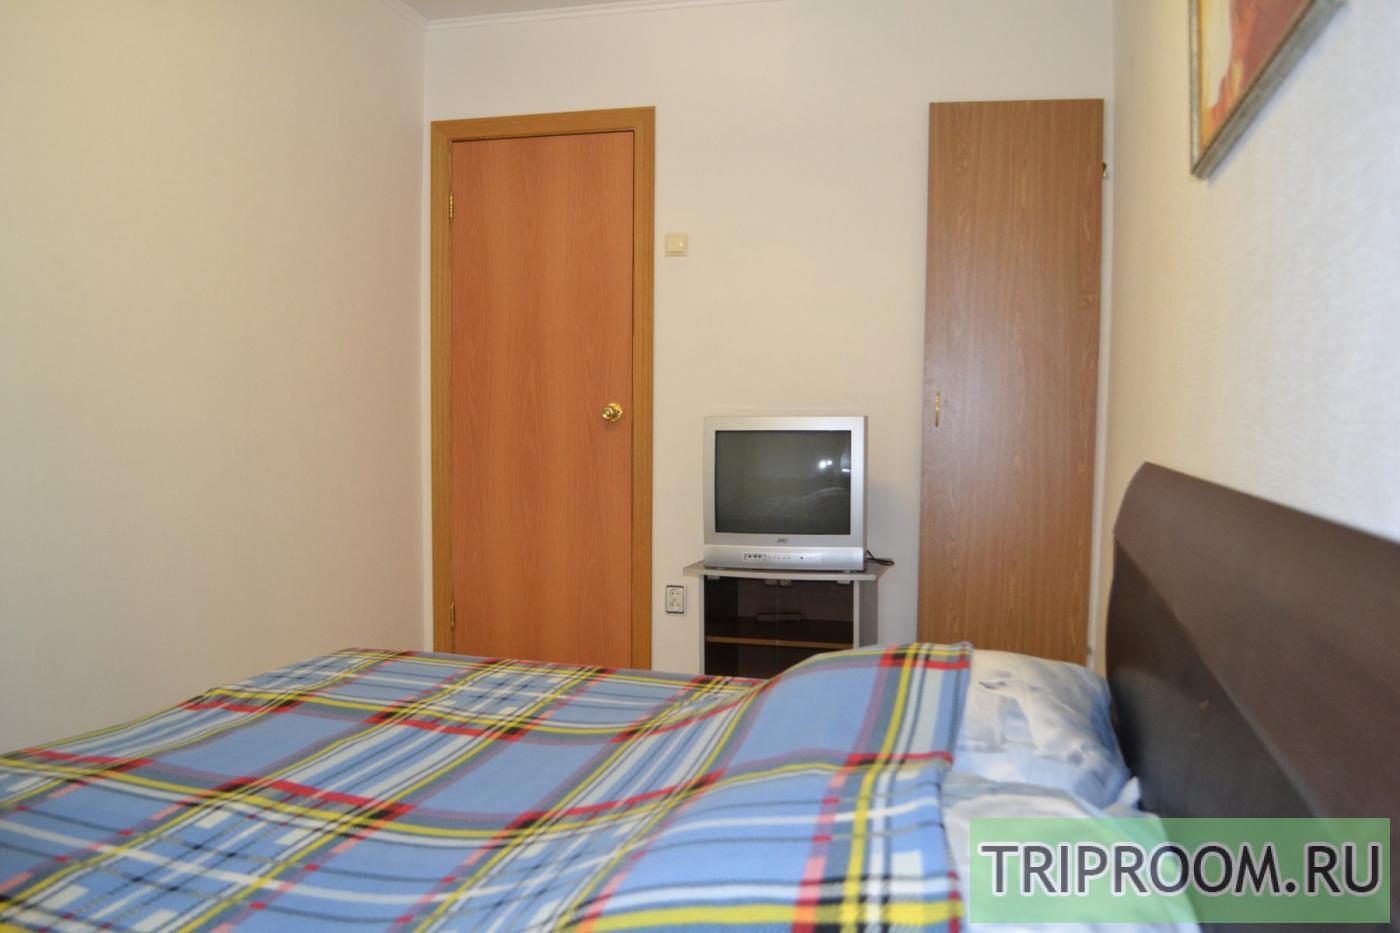 3-комнатная квартира посуточно (вариант № 5725), ул. Тимирязева улица, фото № 7